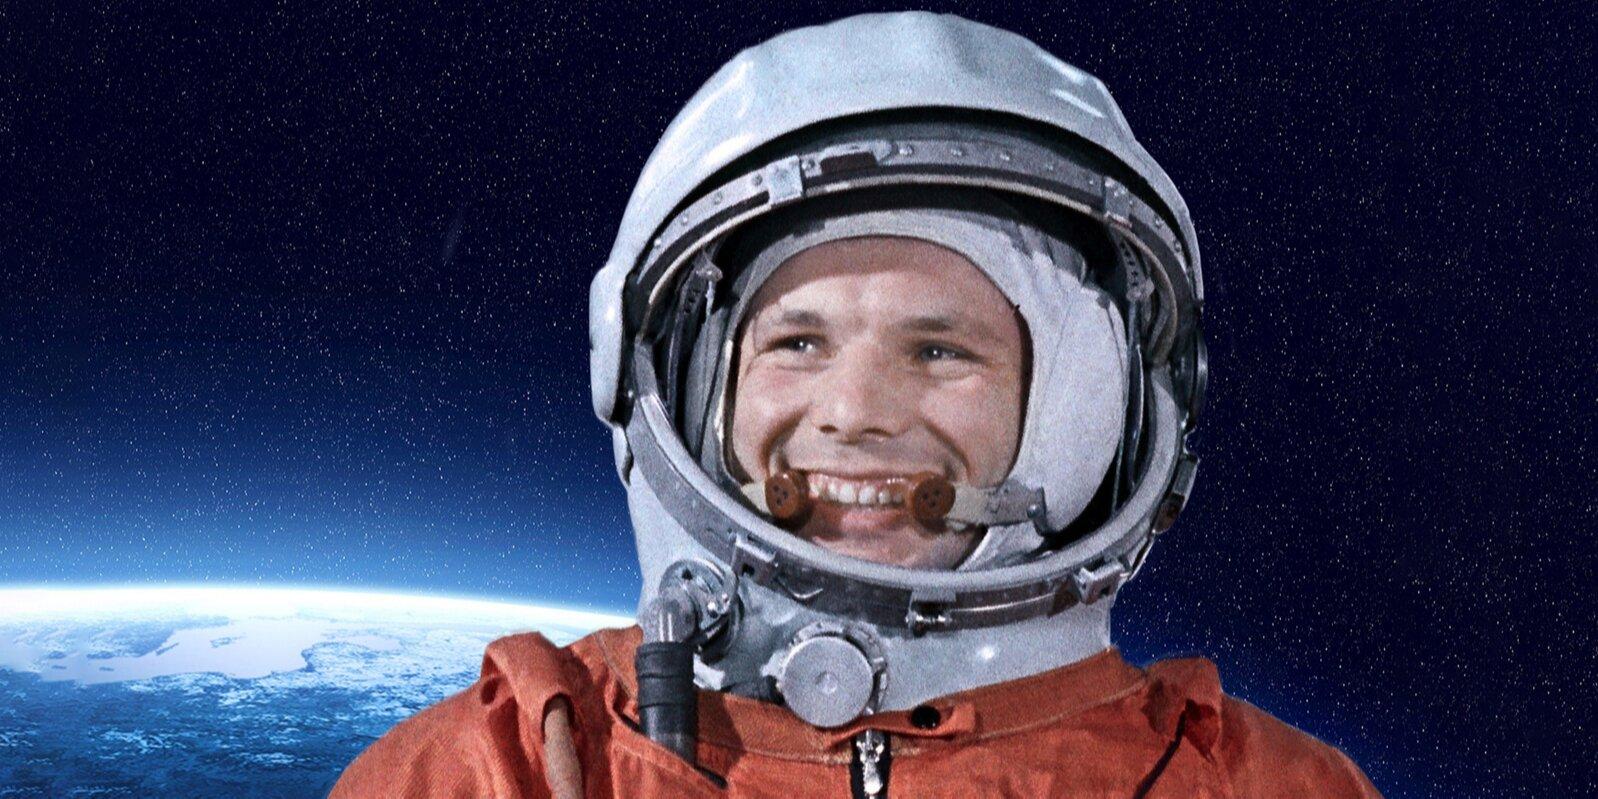 День запуска «Восток-1»: в Московском планетарии подготовили программу ко Дню космонавтики. Фото предоставили в пресс-службе Московского планетария